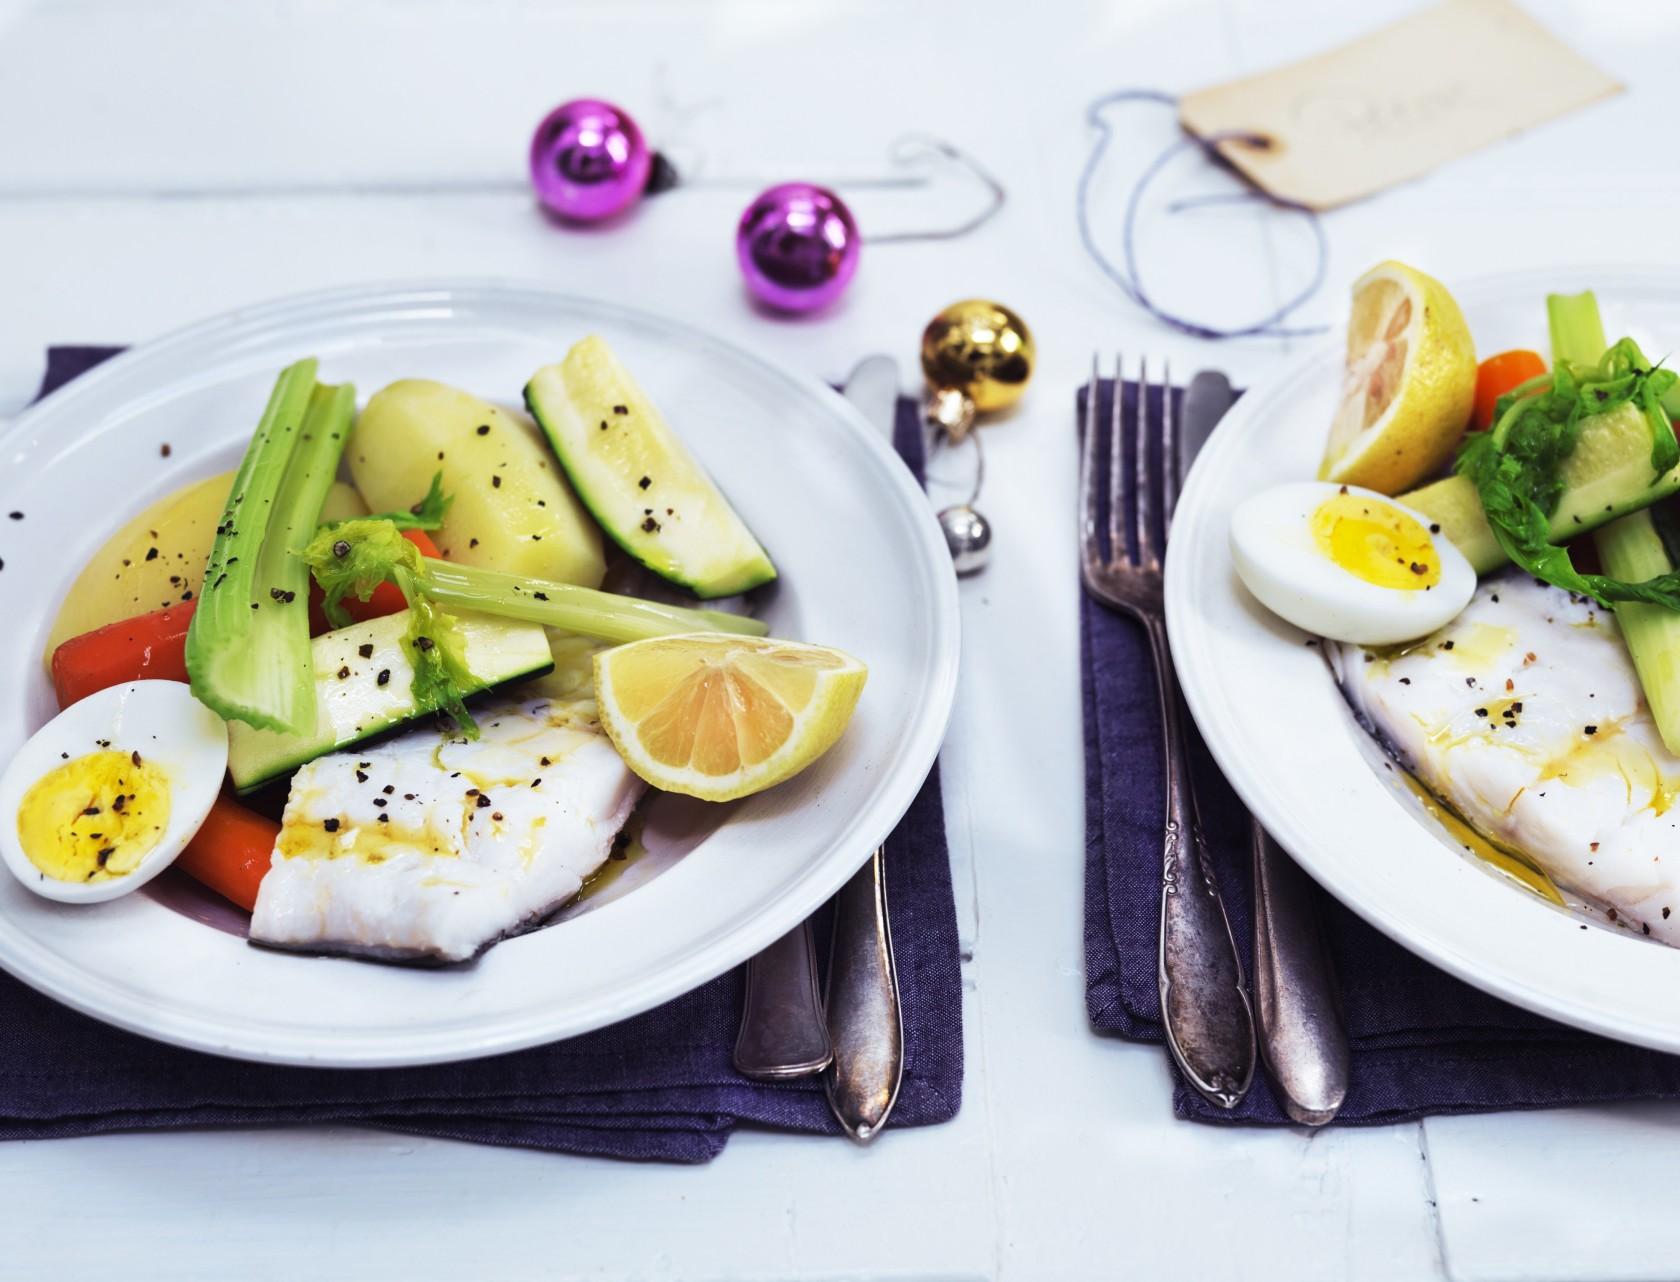 Saltet torsk med kartofler og grøntsager